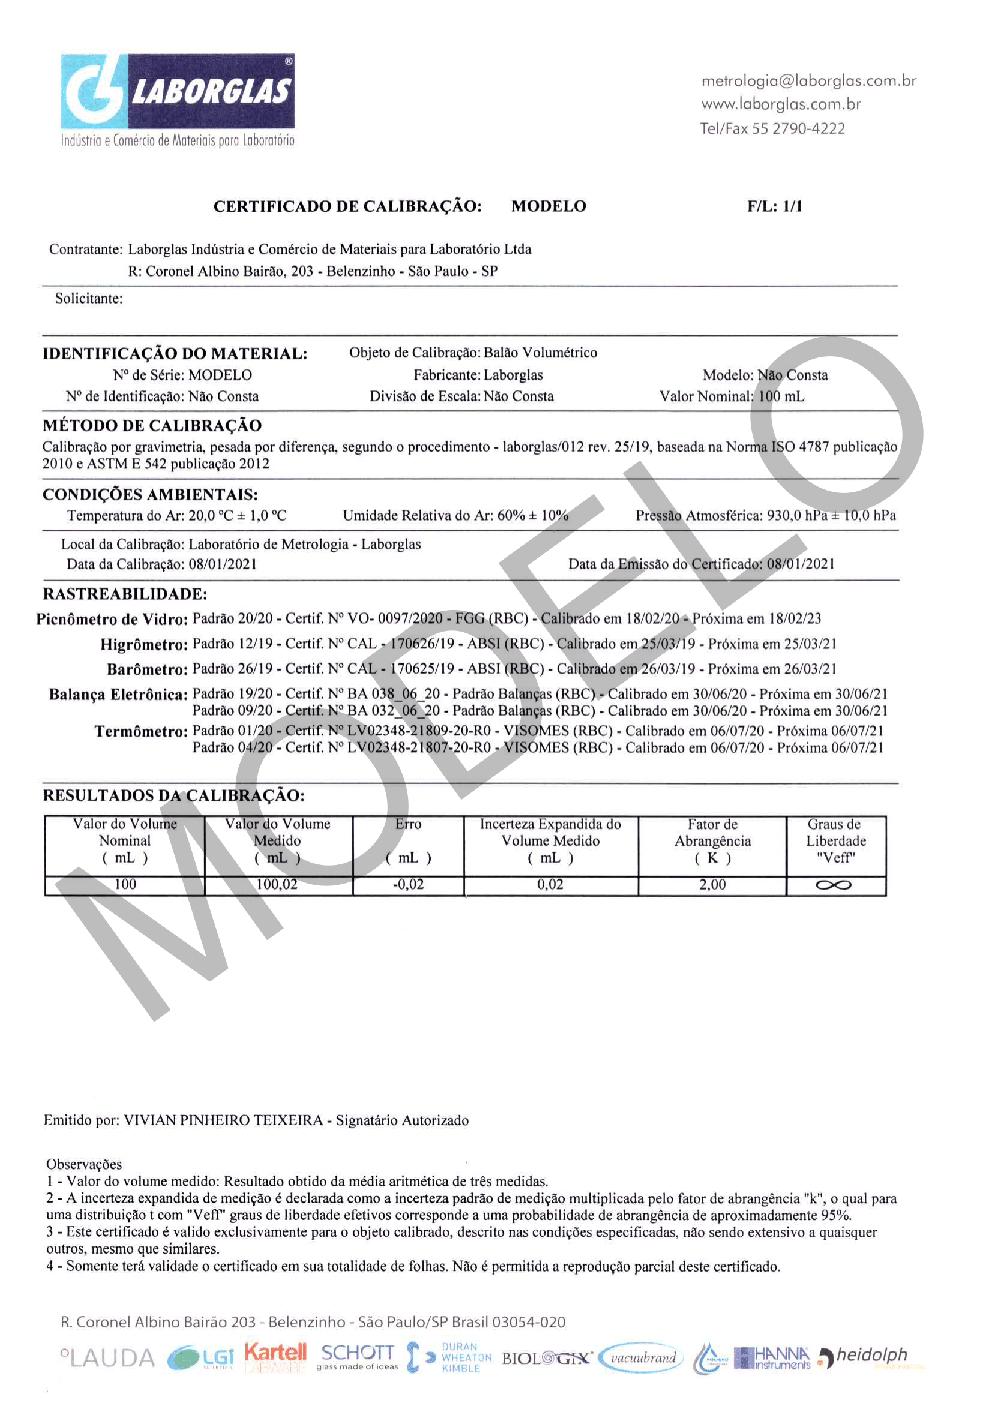 BALÃO VOLUMÉTRICO CLASSE A ROLHA POLI C/ CERTIFICADO RASTREÁVEL 50 ML - Marca Laborglas - Cód. 9167817-C